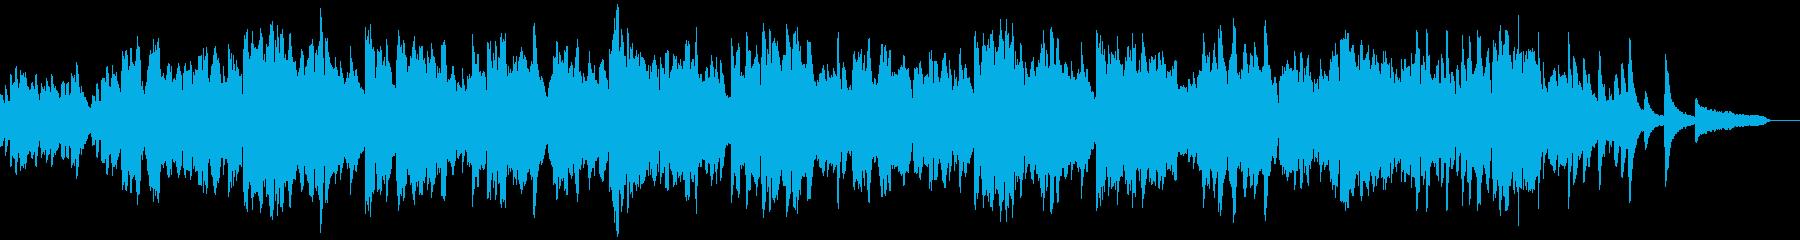 二胡による演奏の再生済みの波形